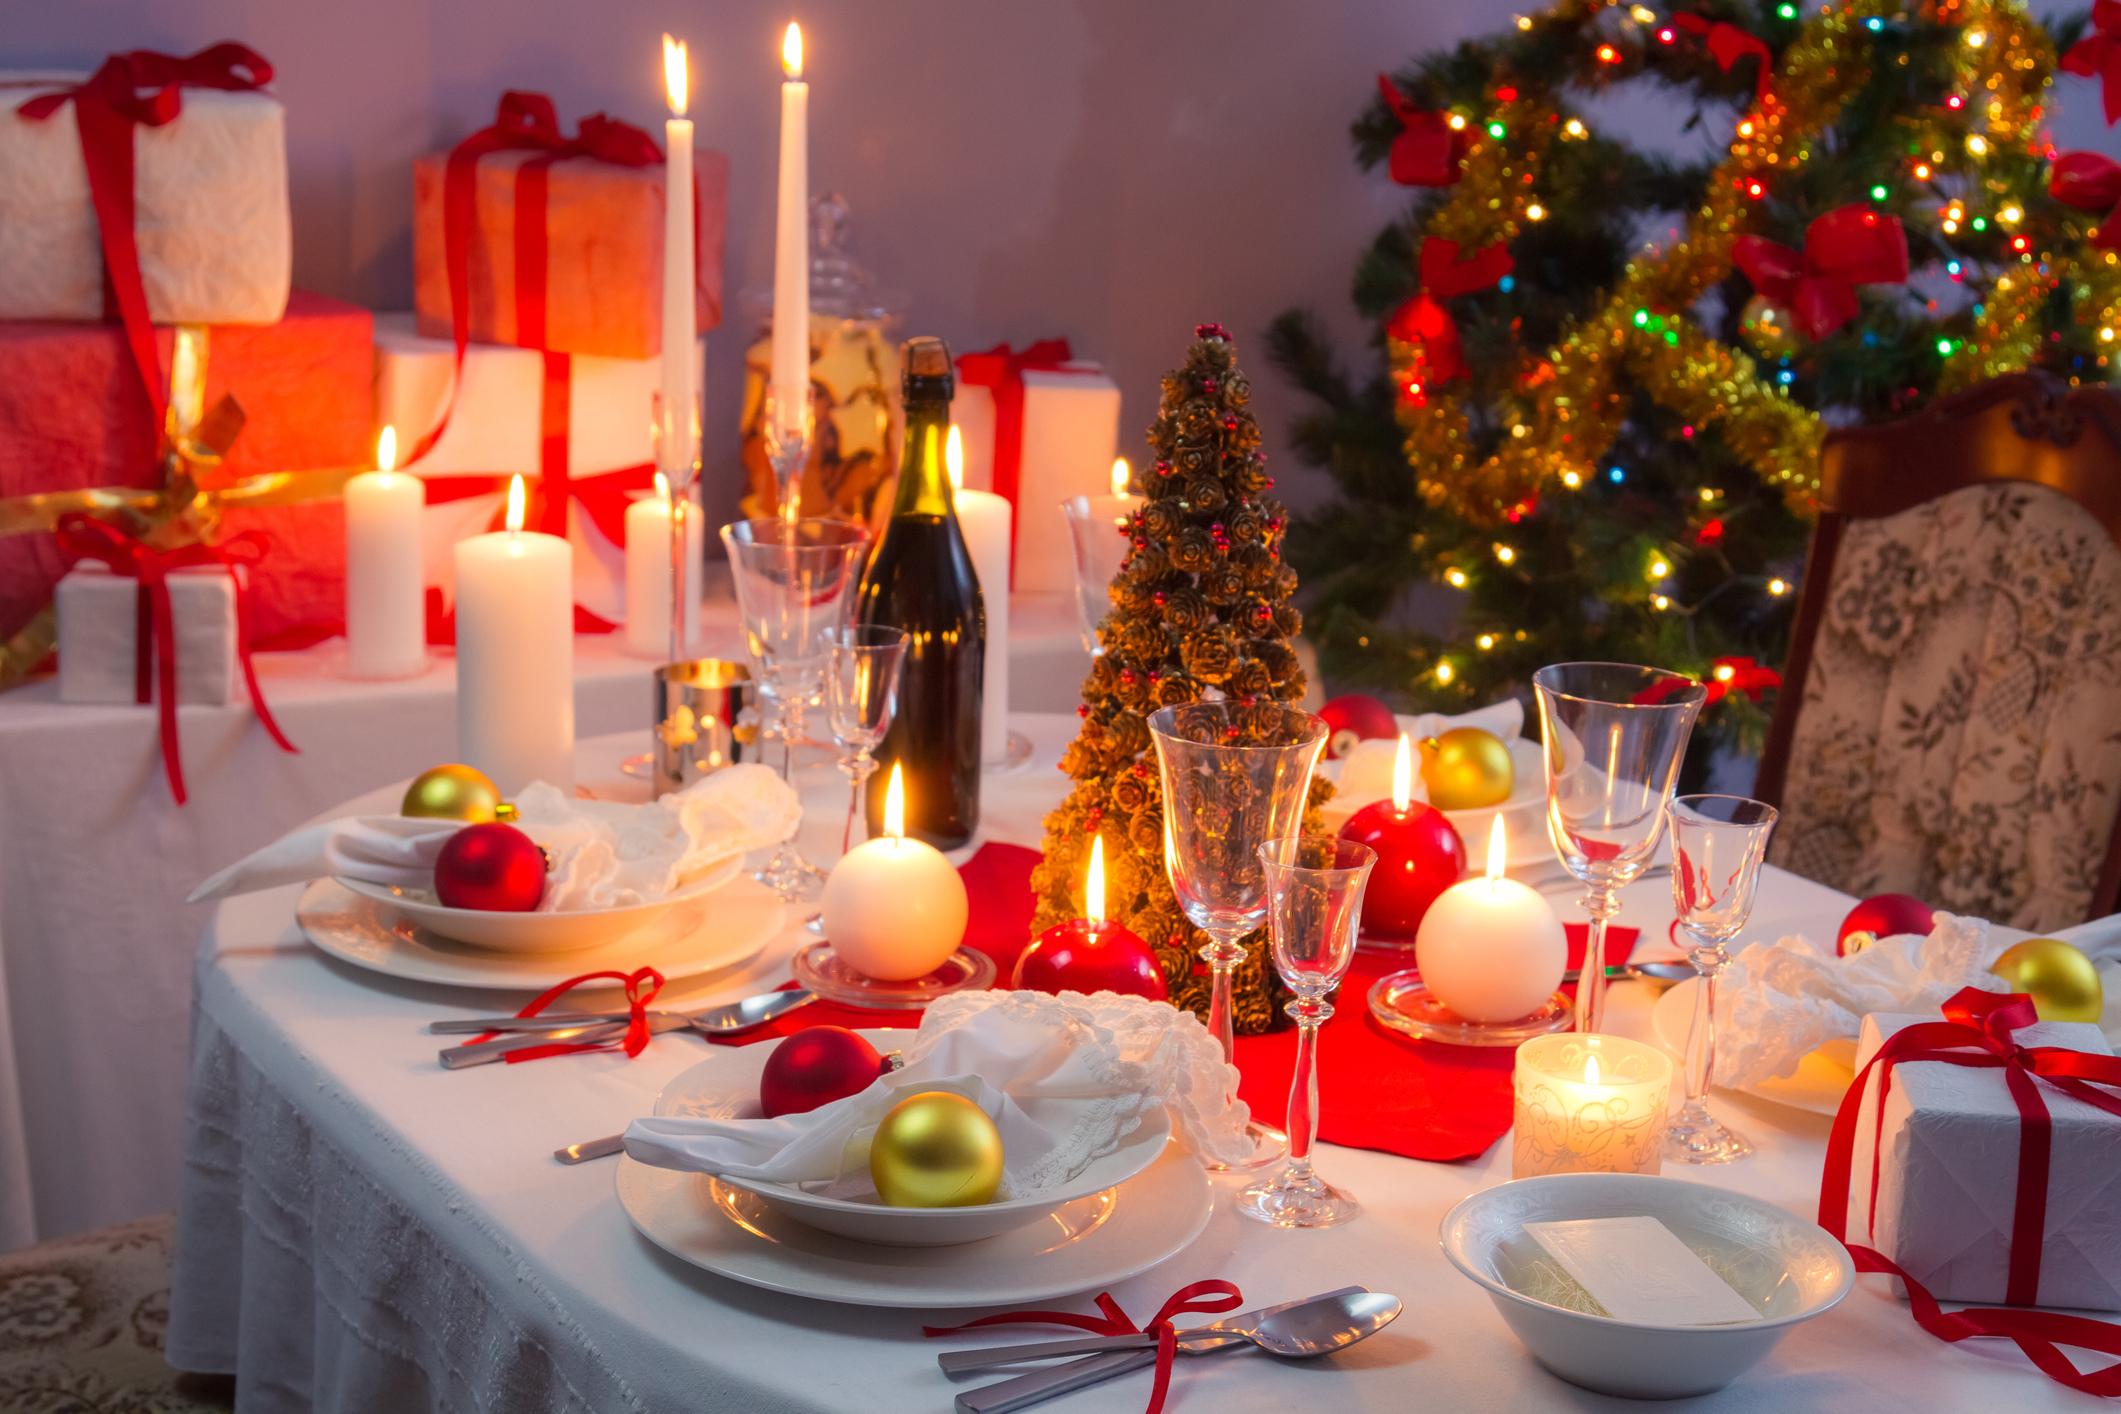 Mesa de Natal decorada com velas e enfeites em branco e vermelho